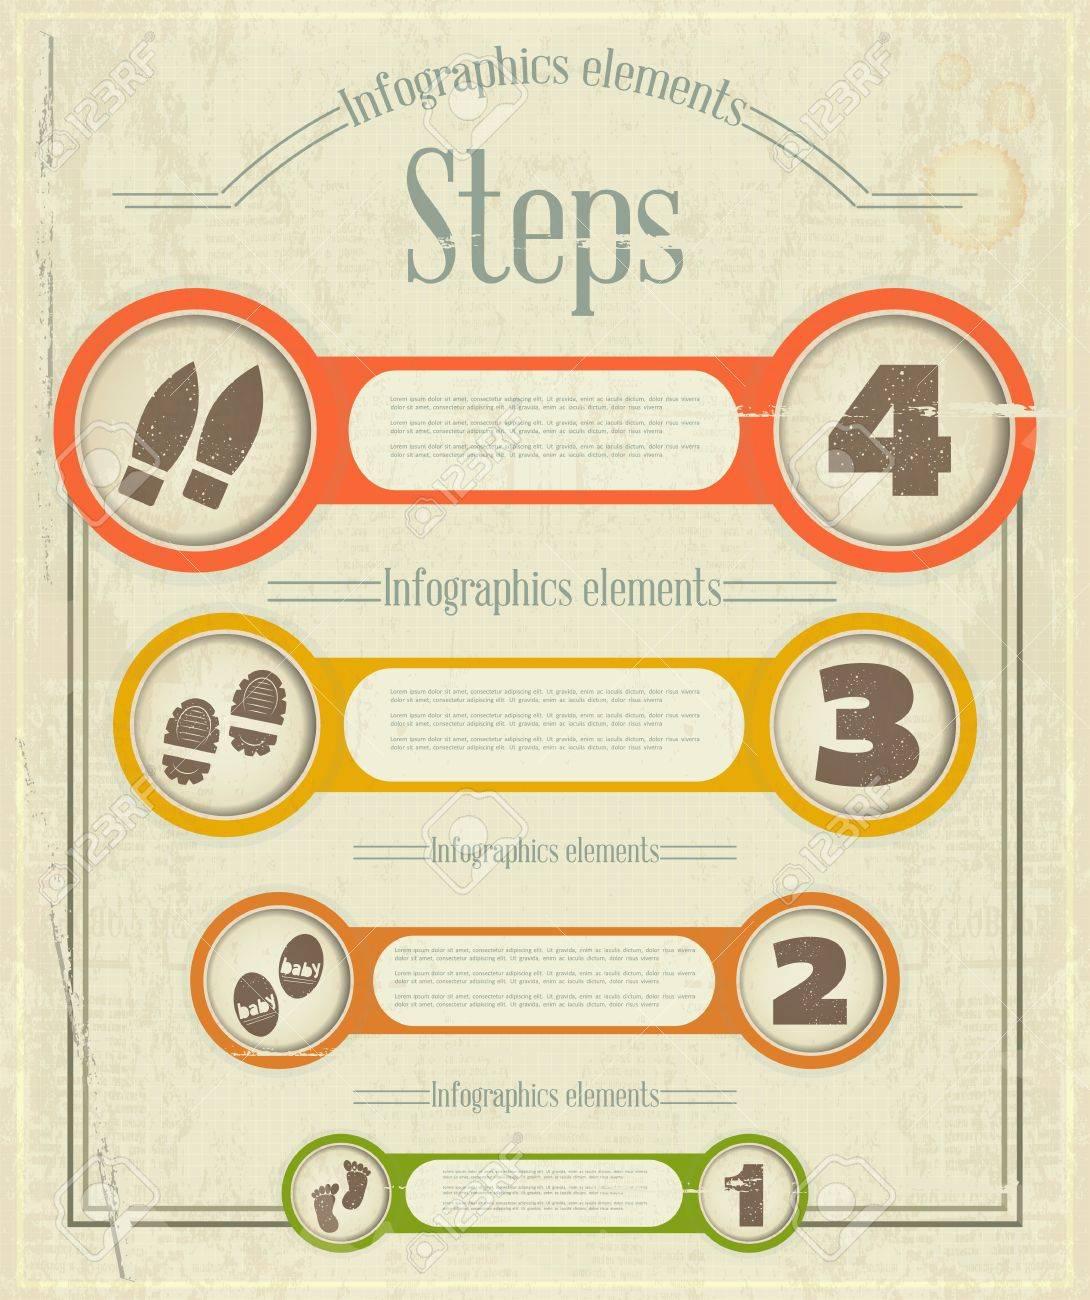 Vintage Infographics Design. Steps. Retro Elements for Visualization -  illustration. Stock Vector - 18349967